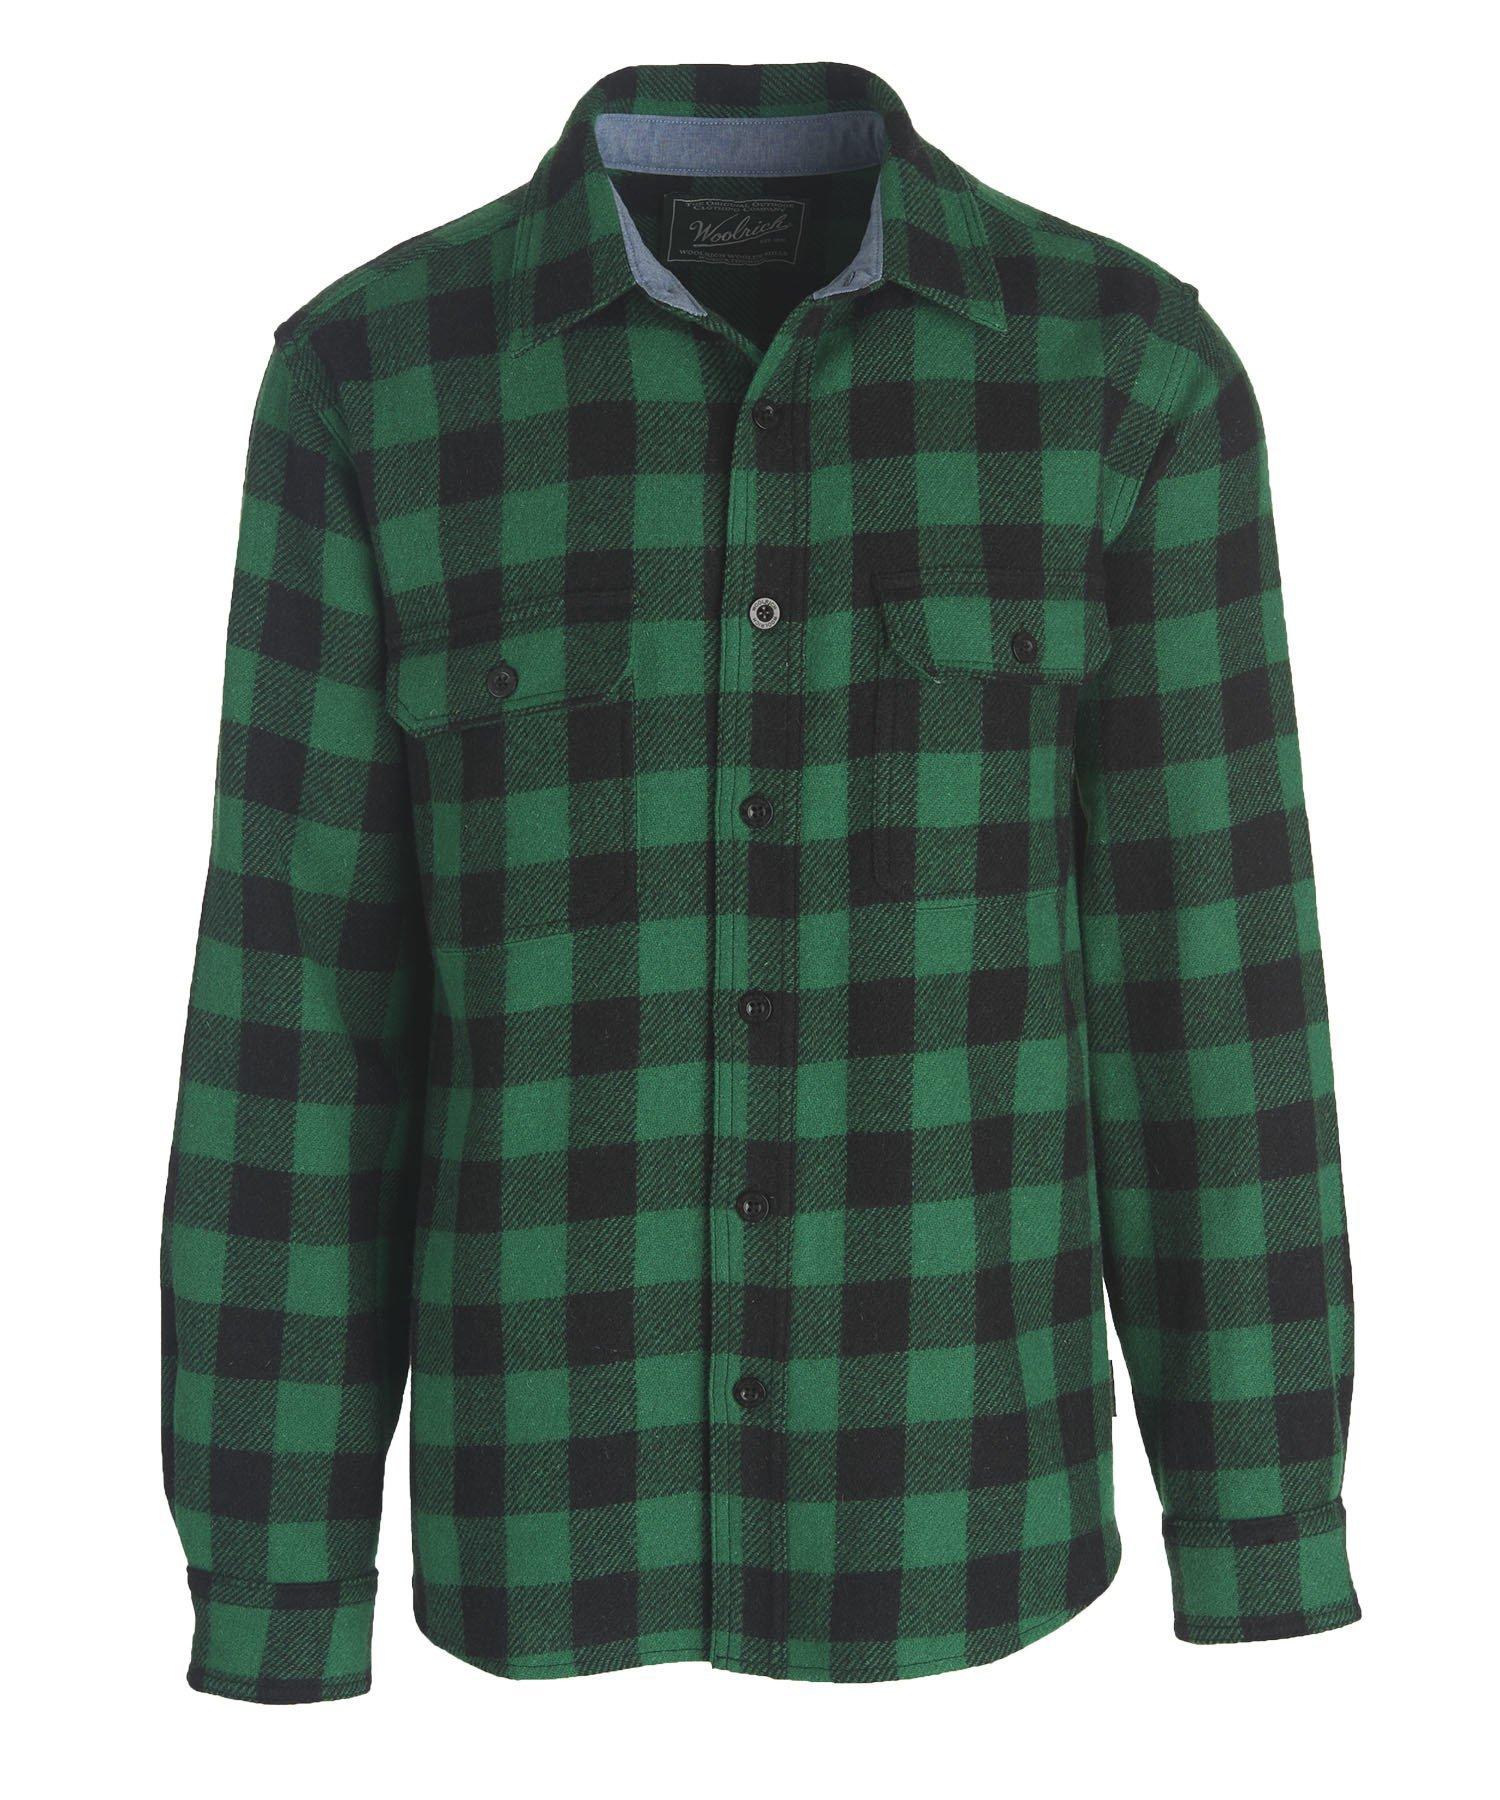 Woolrich Men's Wool Buffalo Shirt, Forest Green, Large